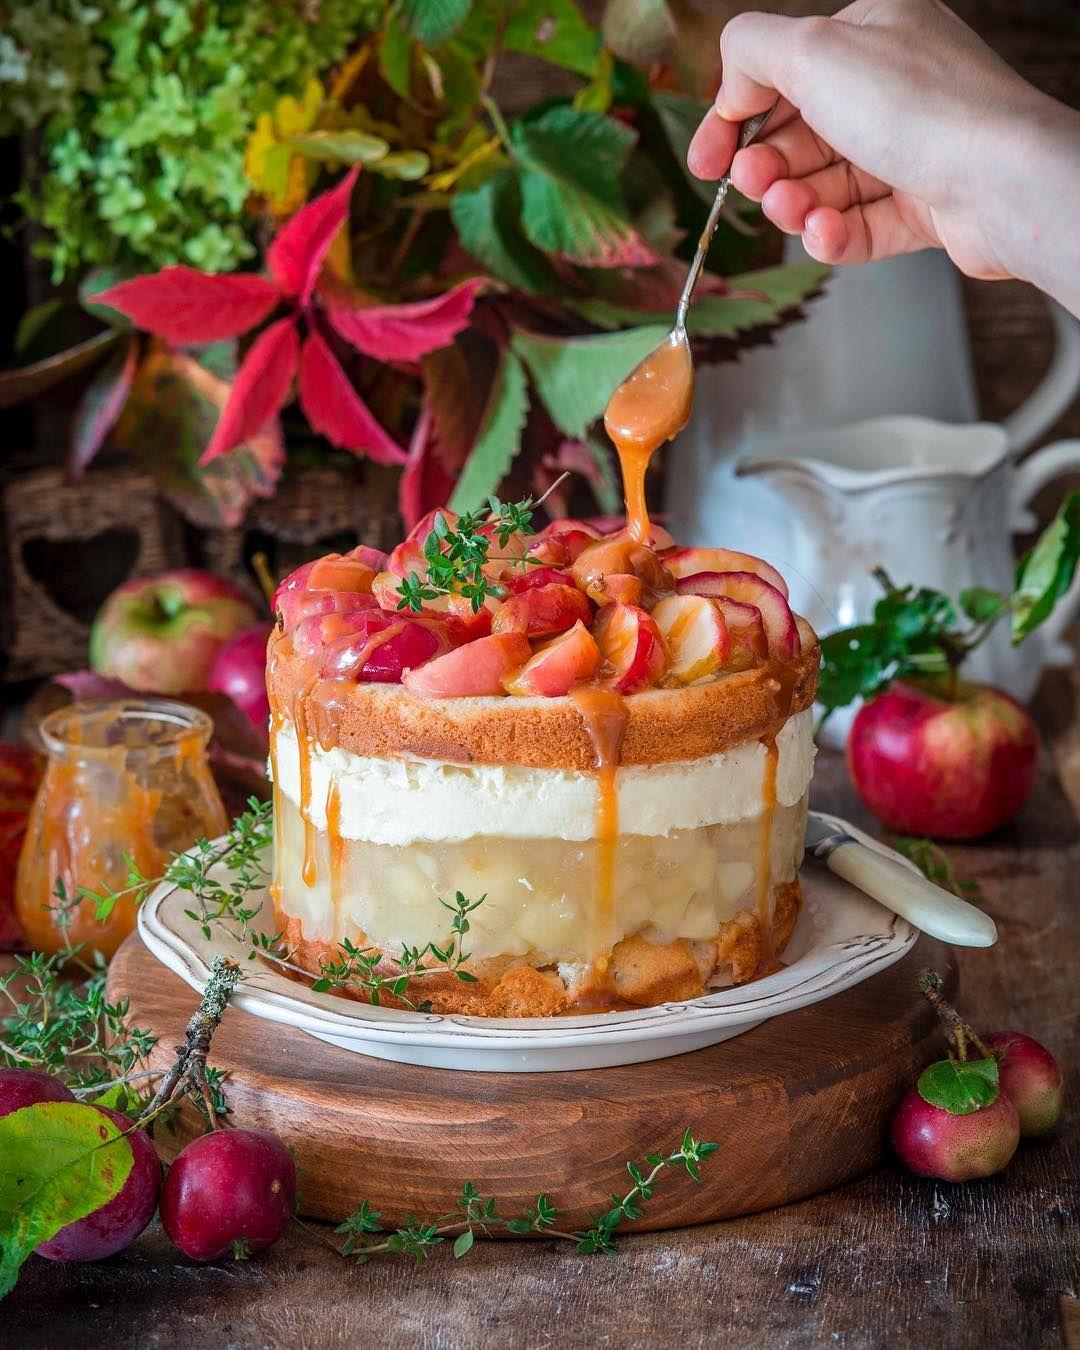 Изображение Карамель яблоки от пользователя Eva Veselova ...